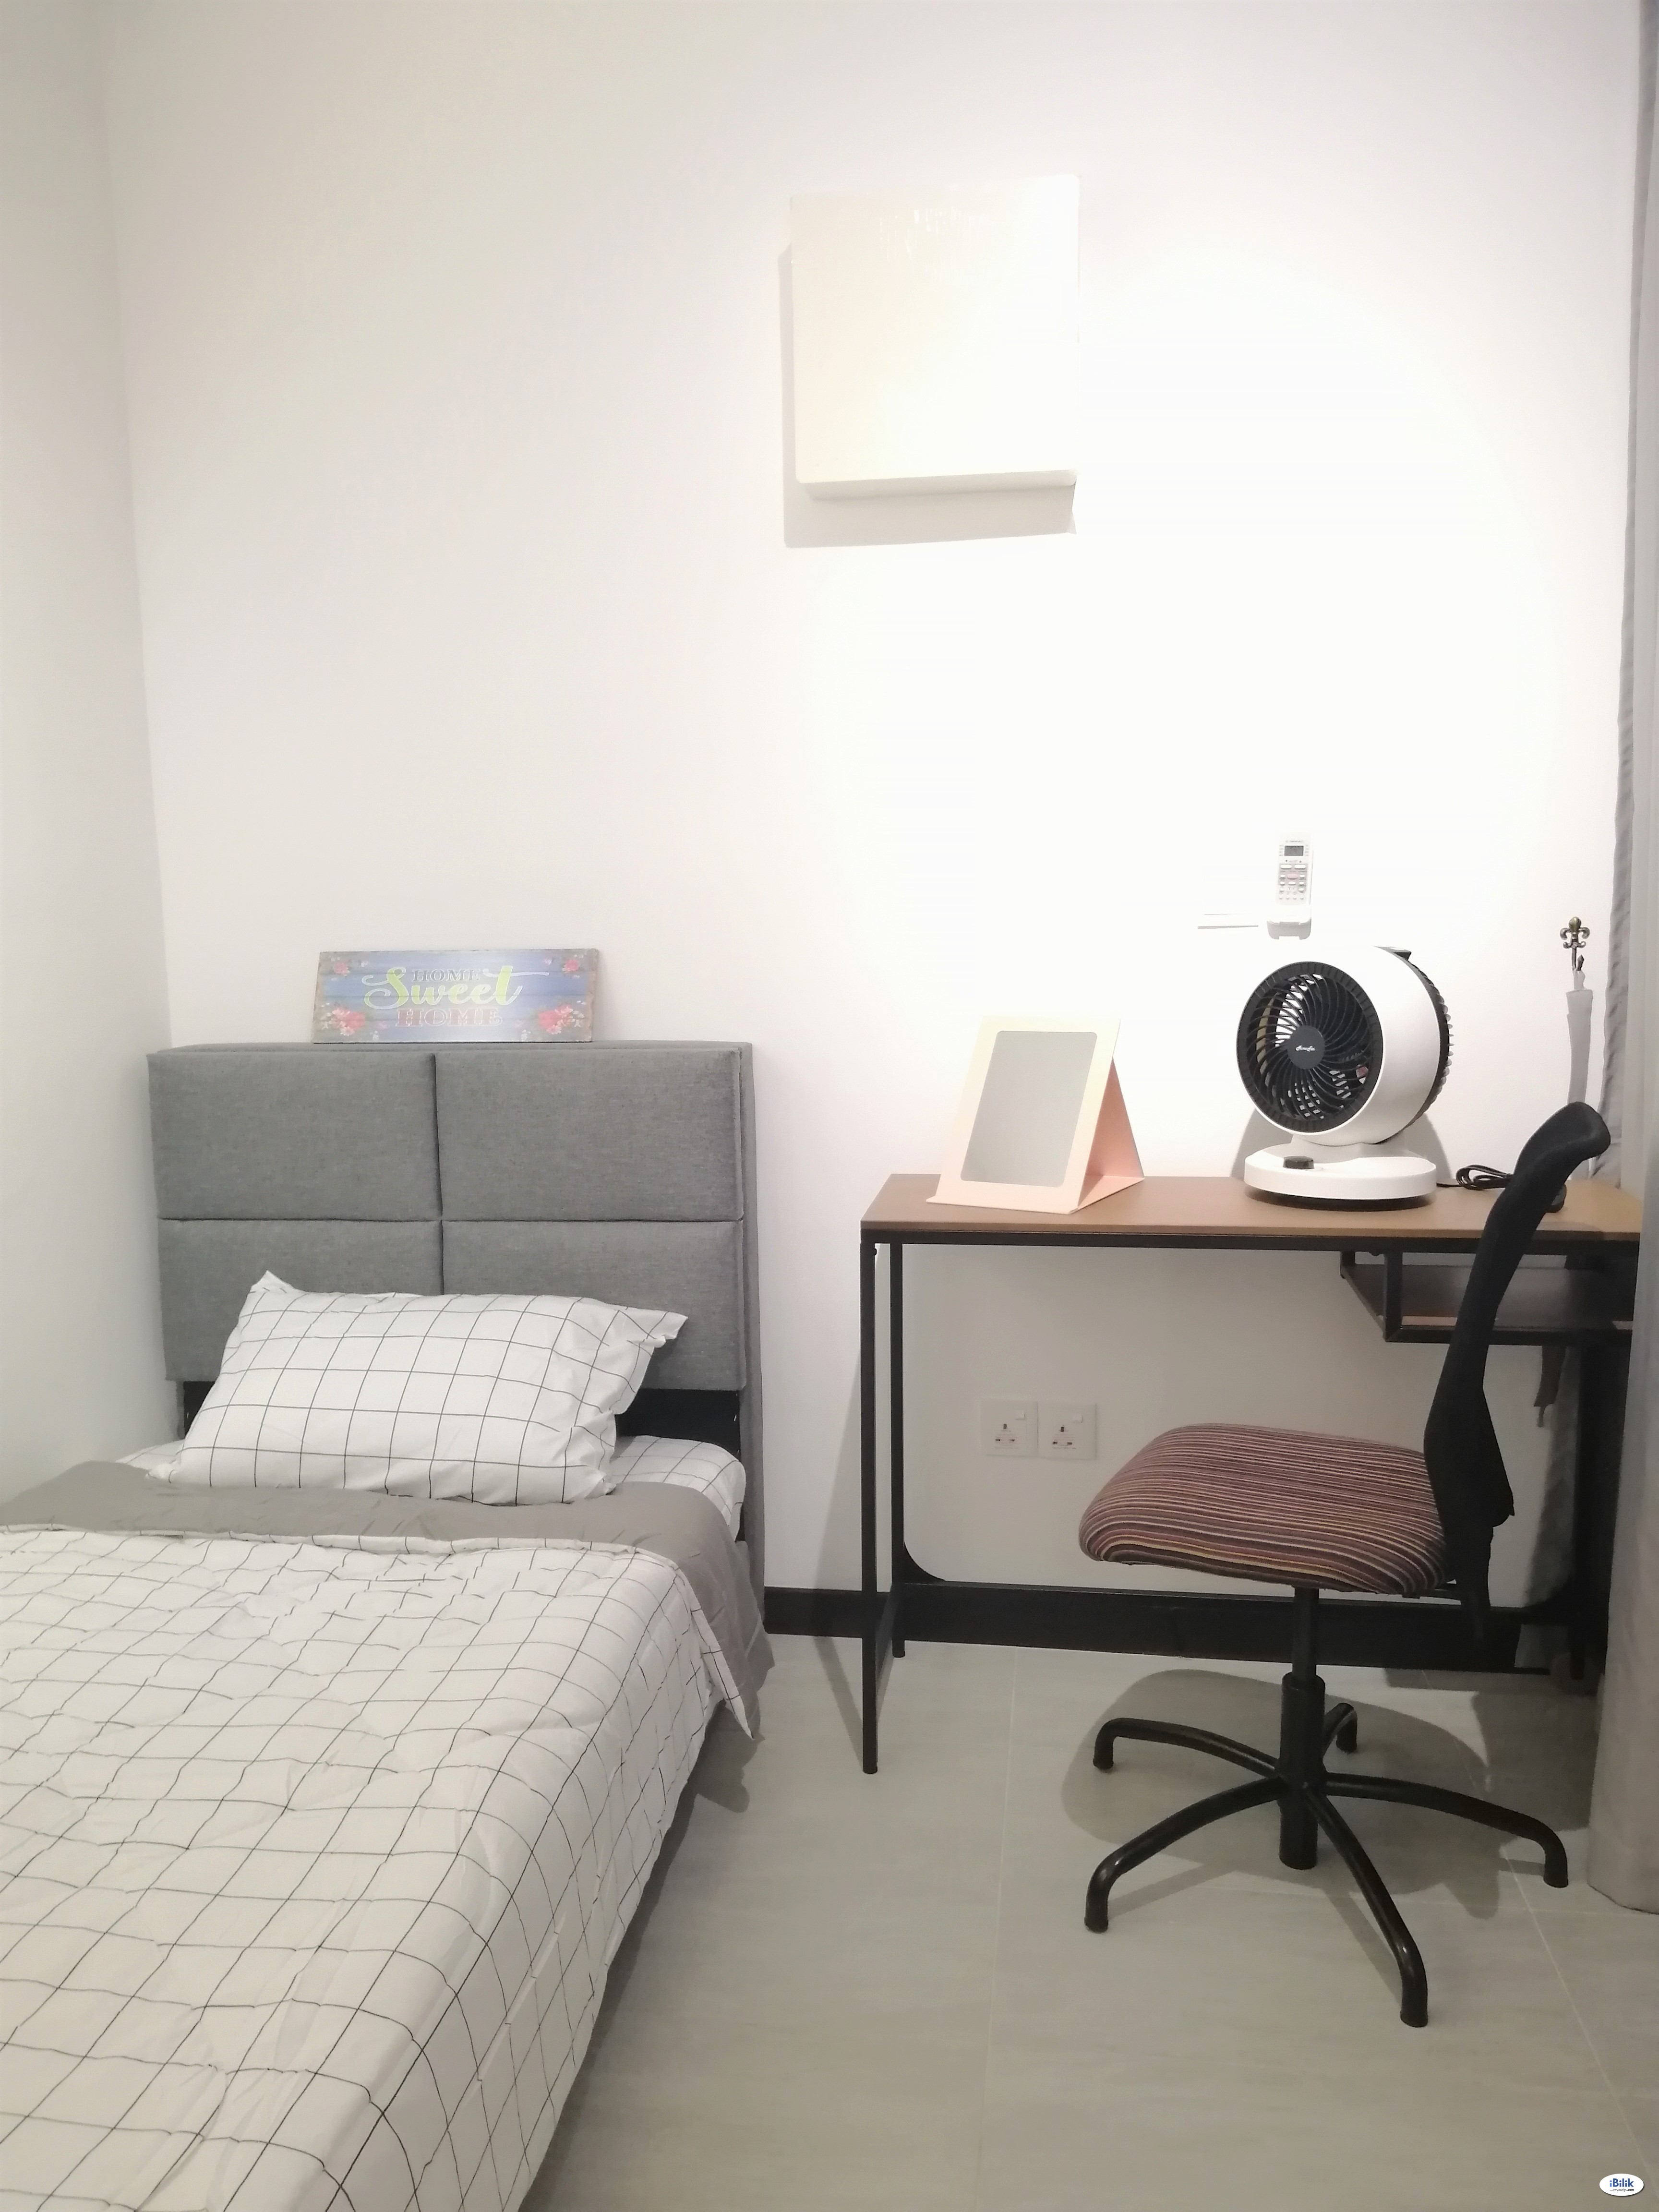 Single Room at Utropolis Batu Kawan, Batu Kawan